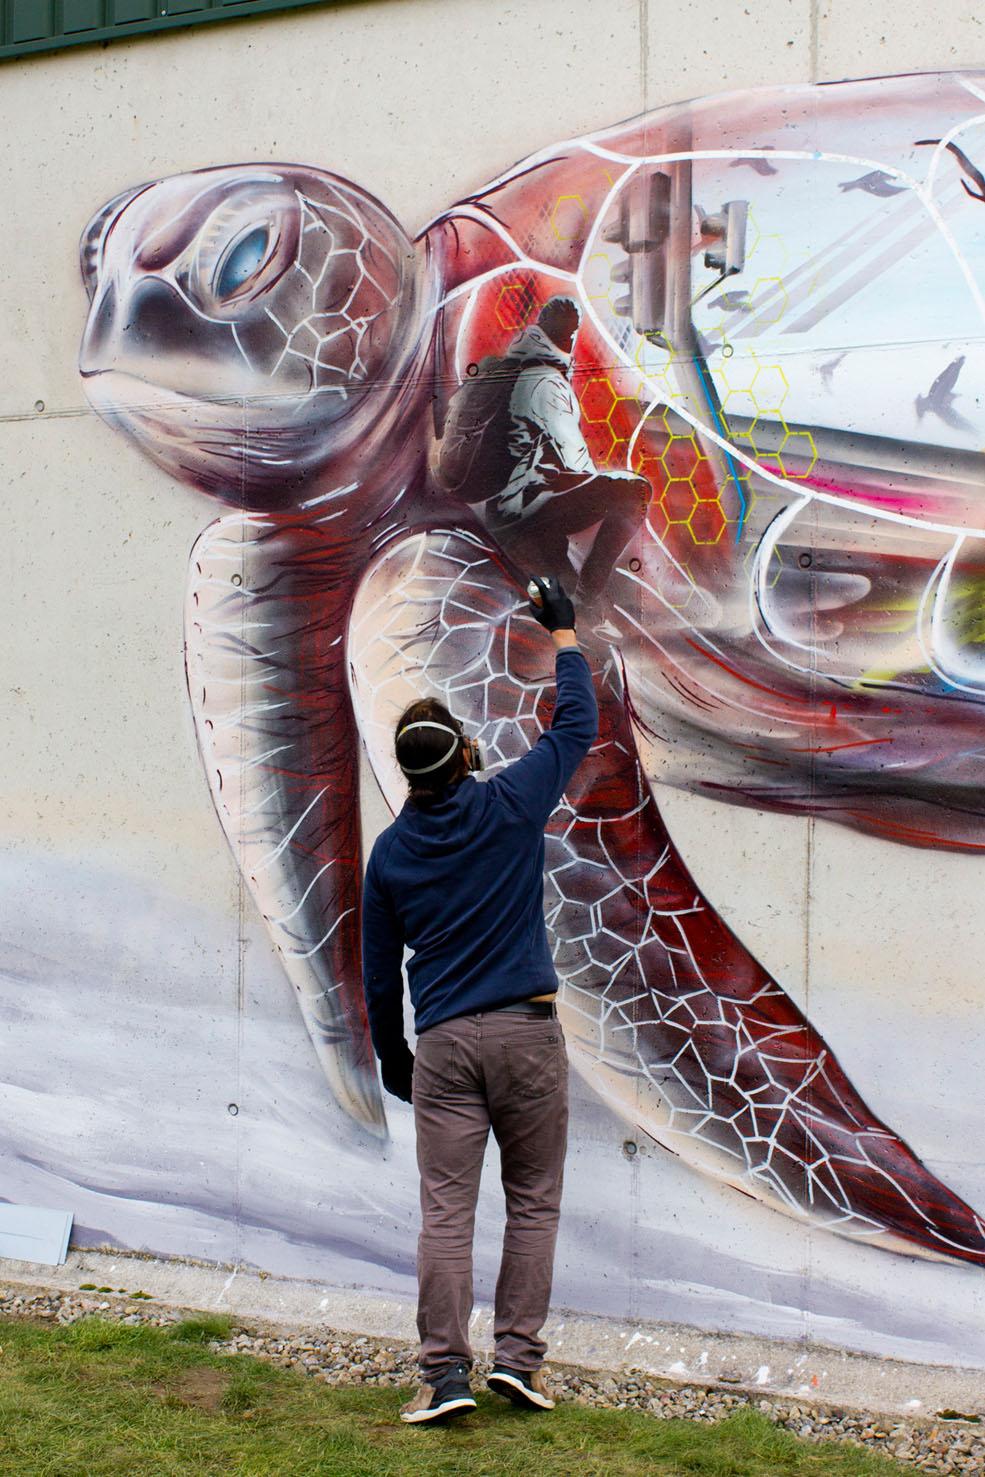 Mural (Wandgemälde) von Nasim Naji, Streetart in Braunschweig (Deutschland); Schildkröte; Sprühdose auf Wand; 2019